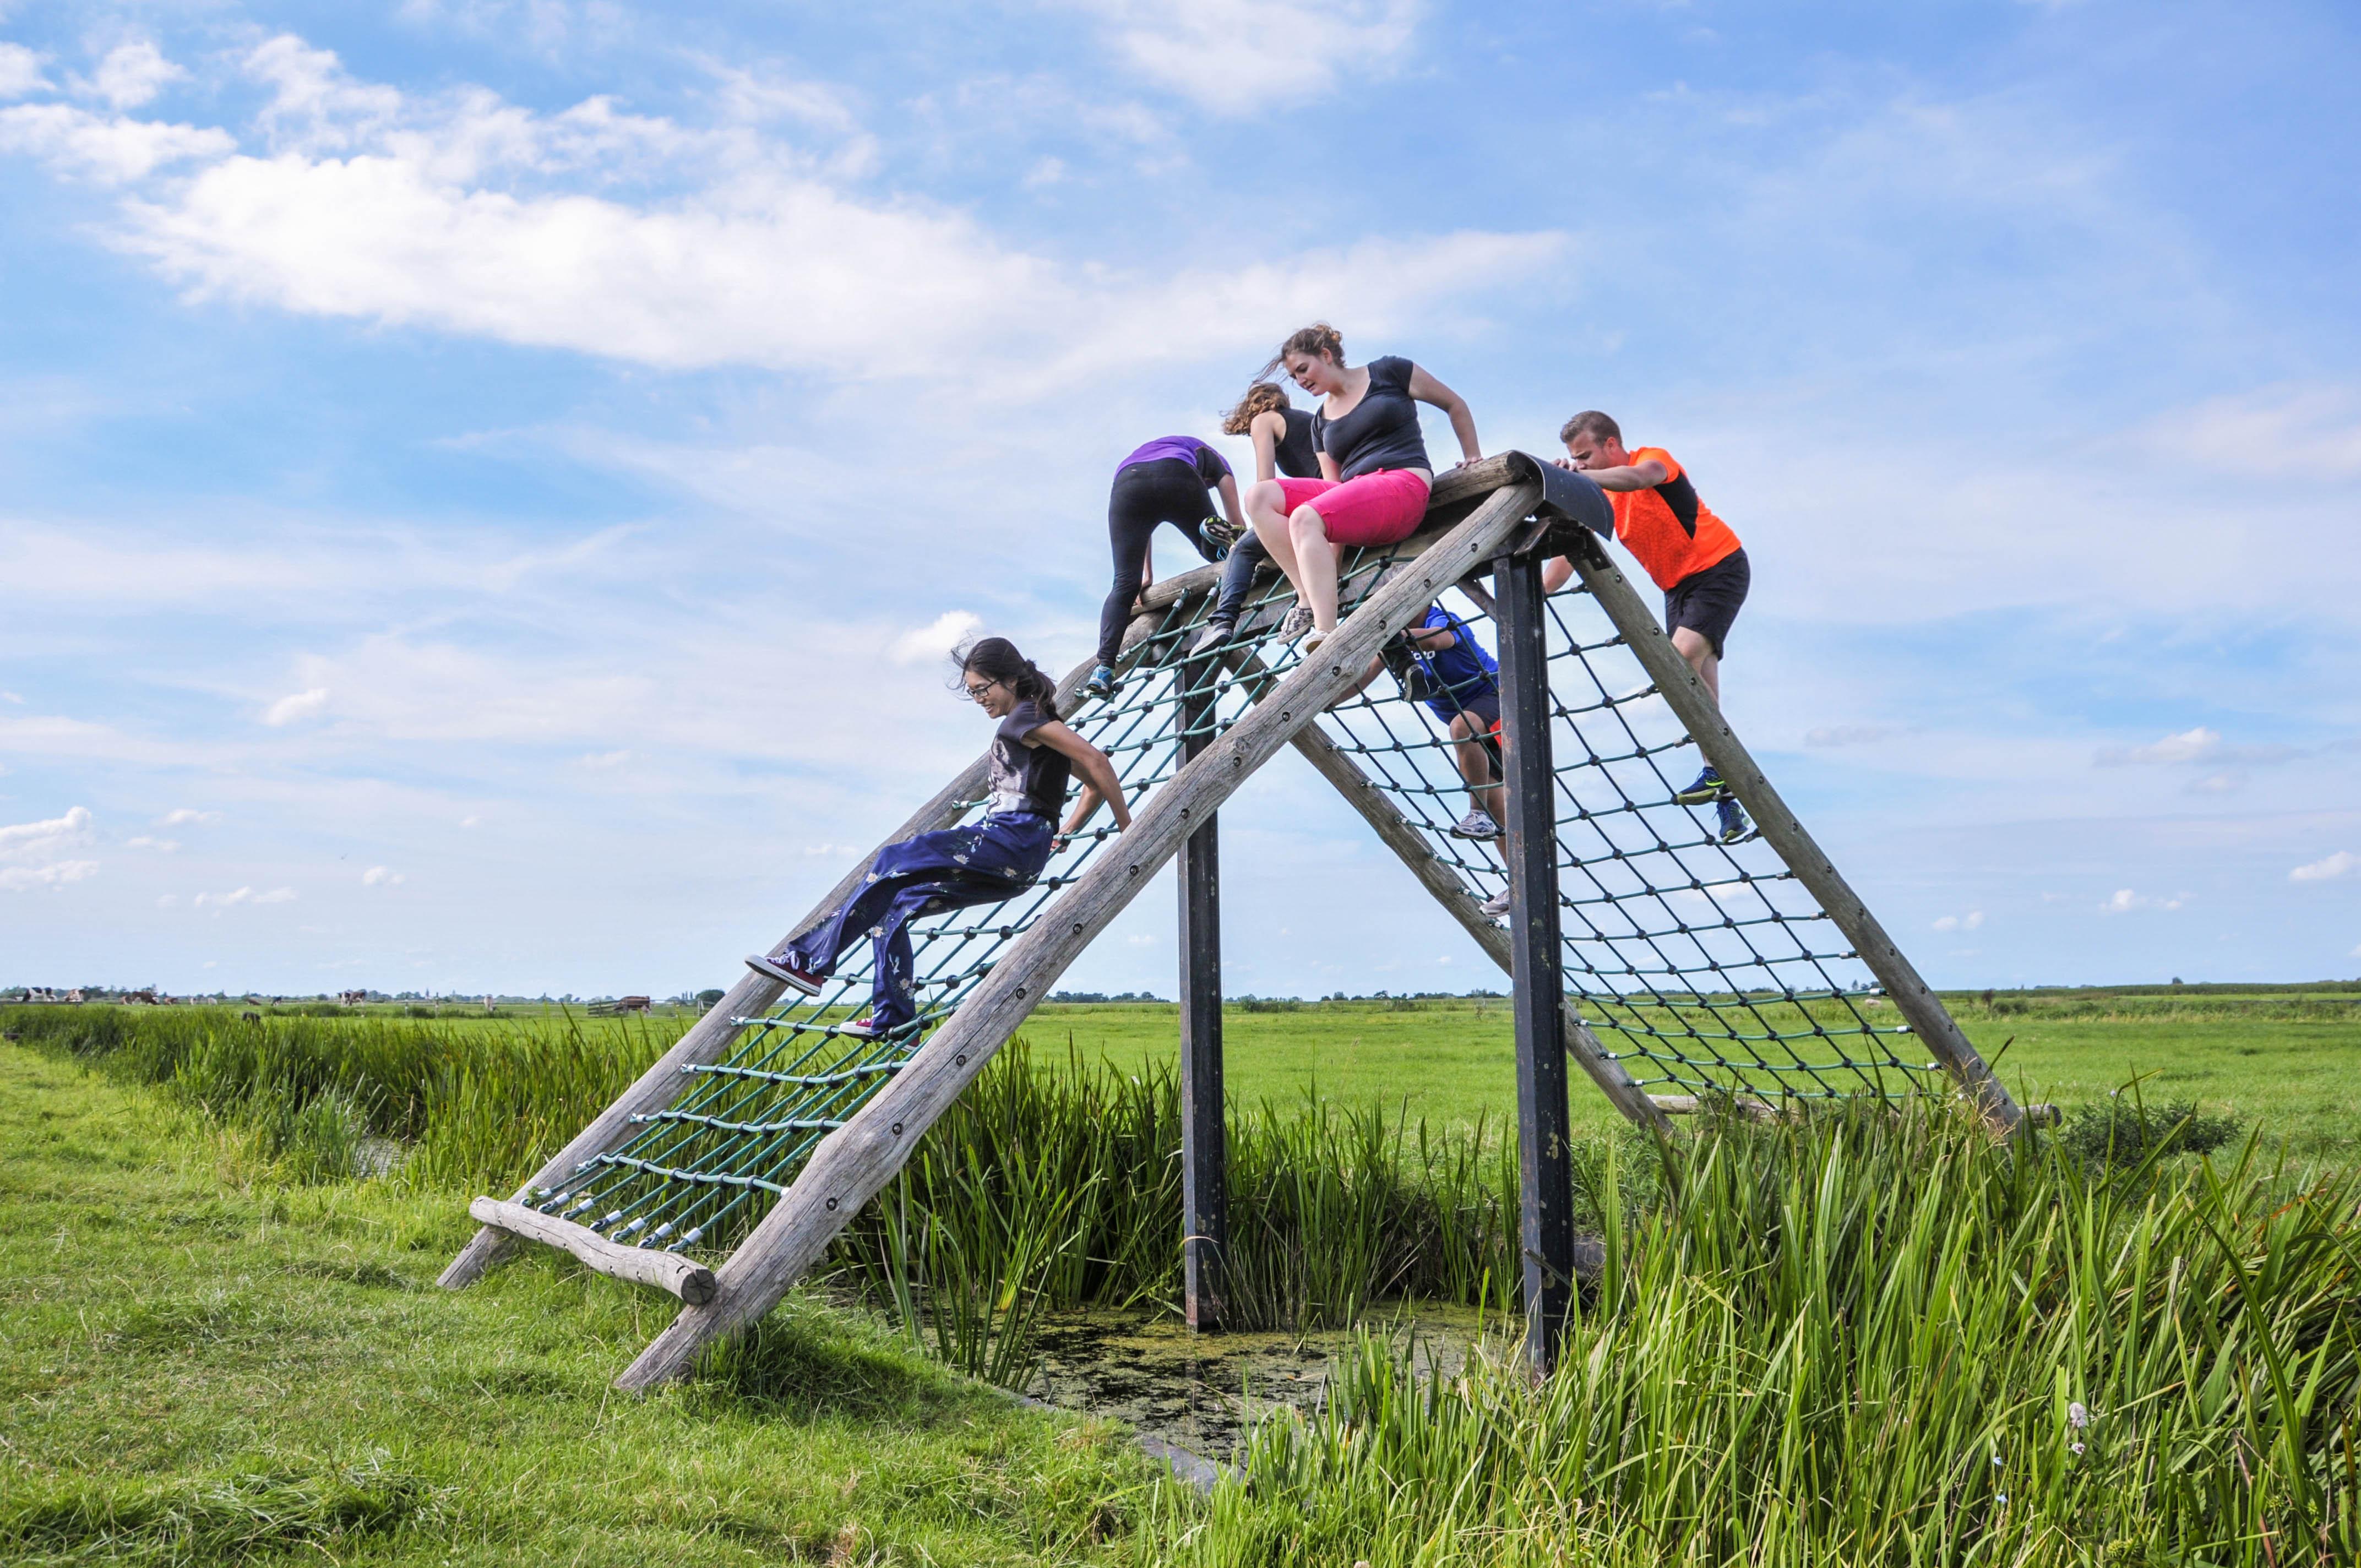 Groepje mensen probeert over de schuine brug te klimmen